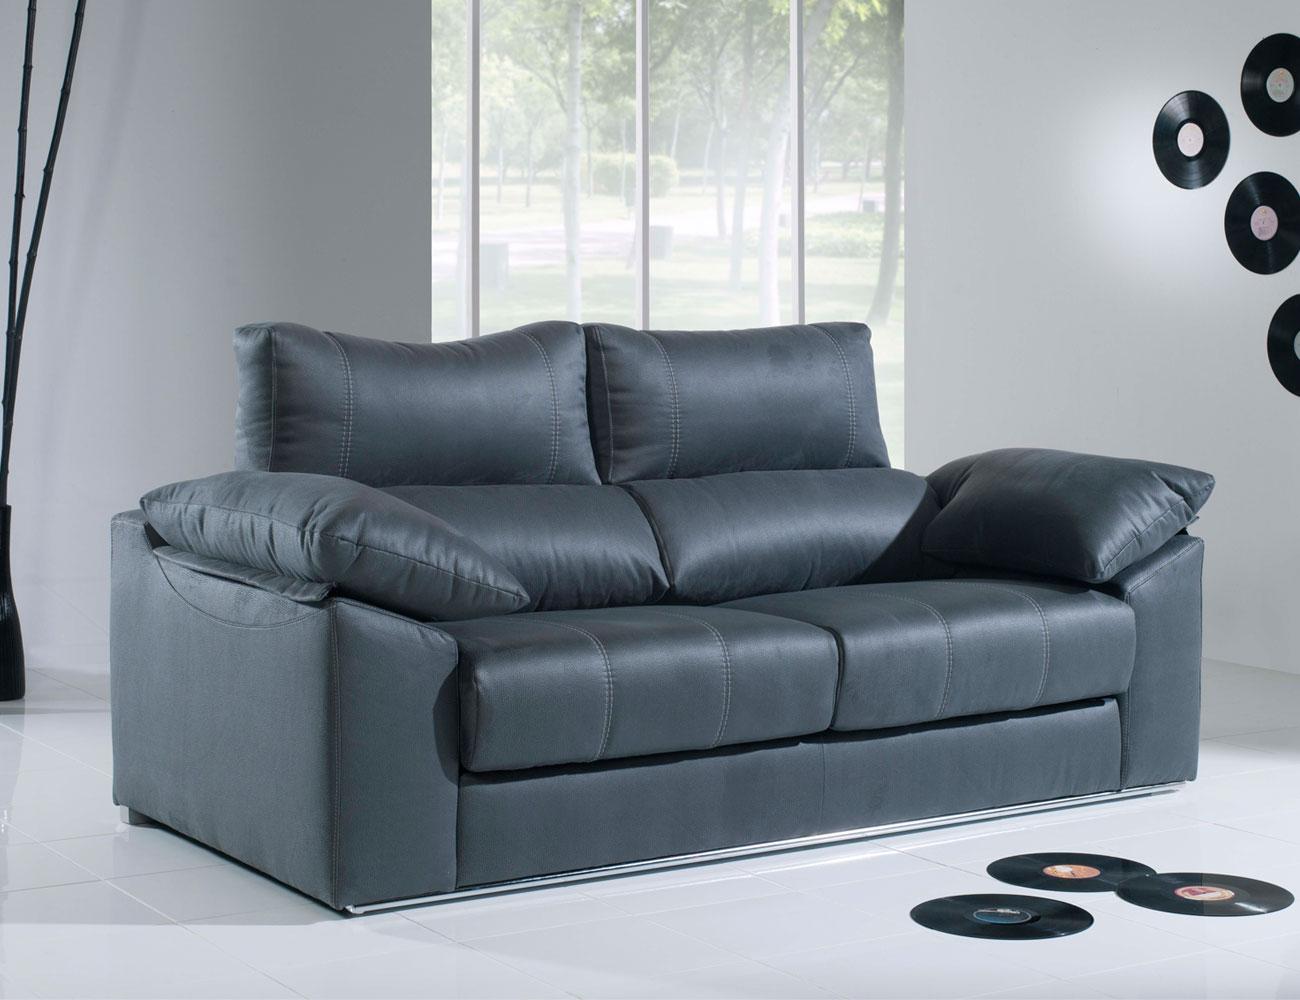 Sofa 3 plazas moderno con barra8